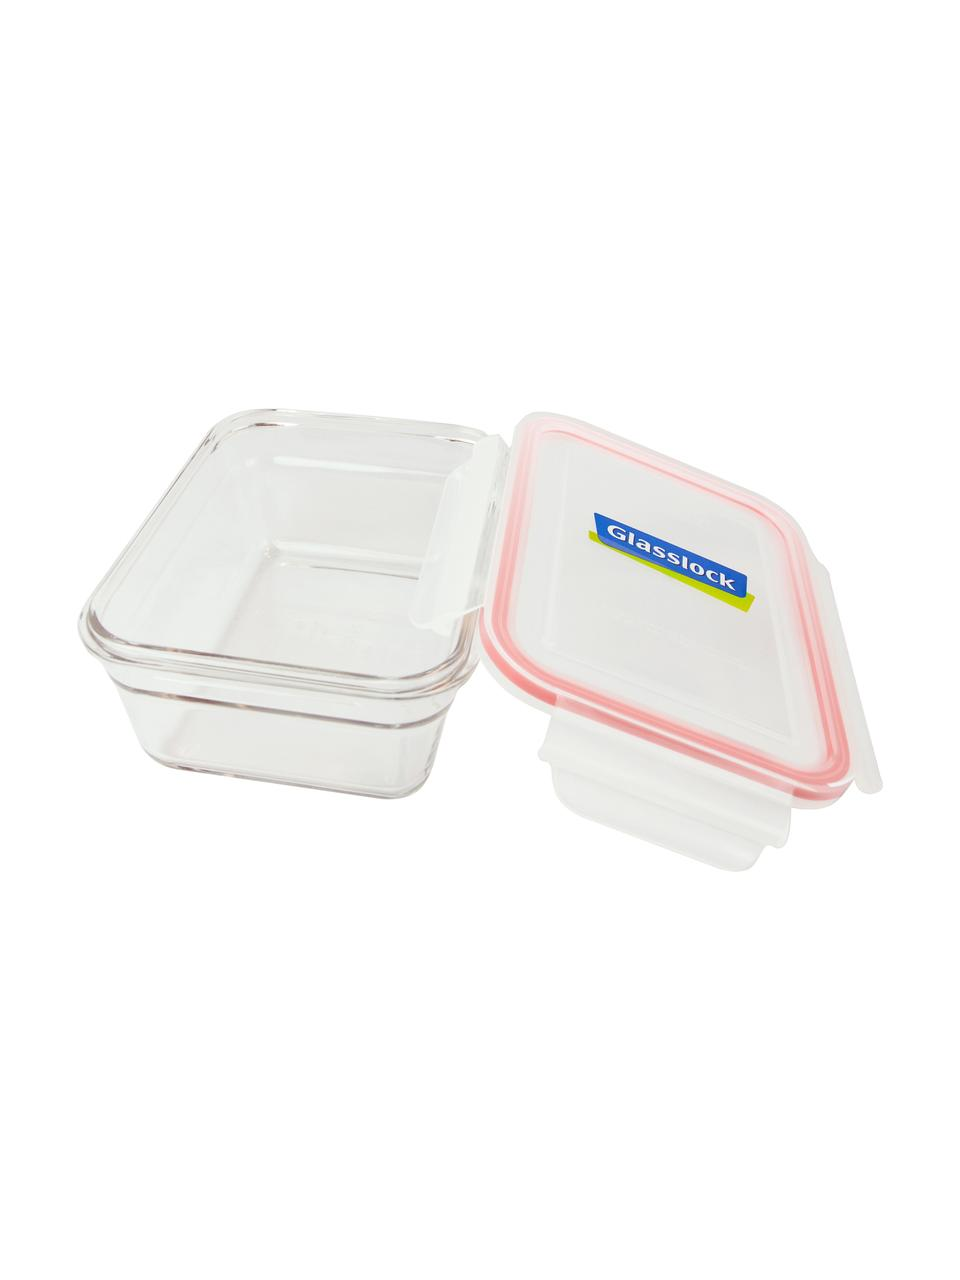 Frischhalteboxen Bea, 2 Stück, Behälter: Gehärtetes Glas, schadsto, Verschluss: Polypropylen, Dichtung: Silikon, Transparent, Rosa, 18 x 7 cm